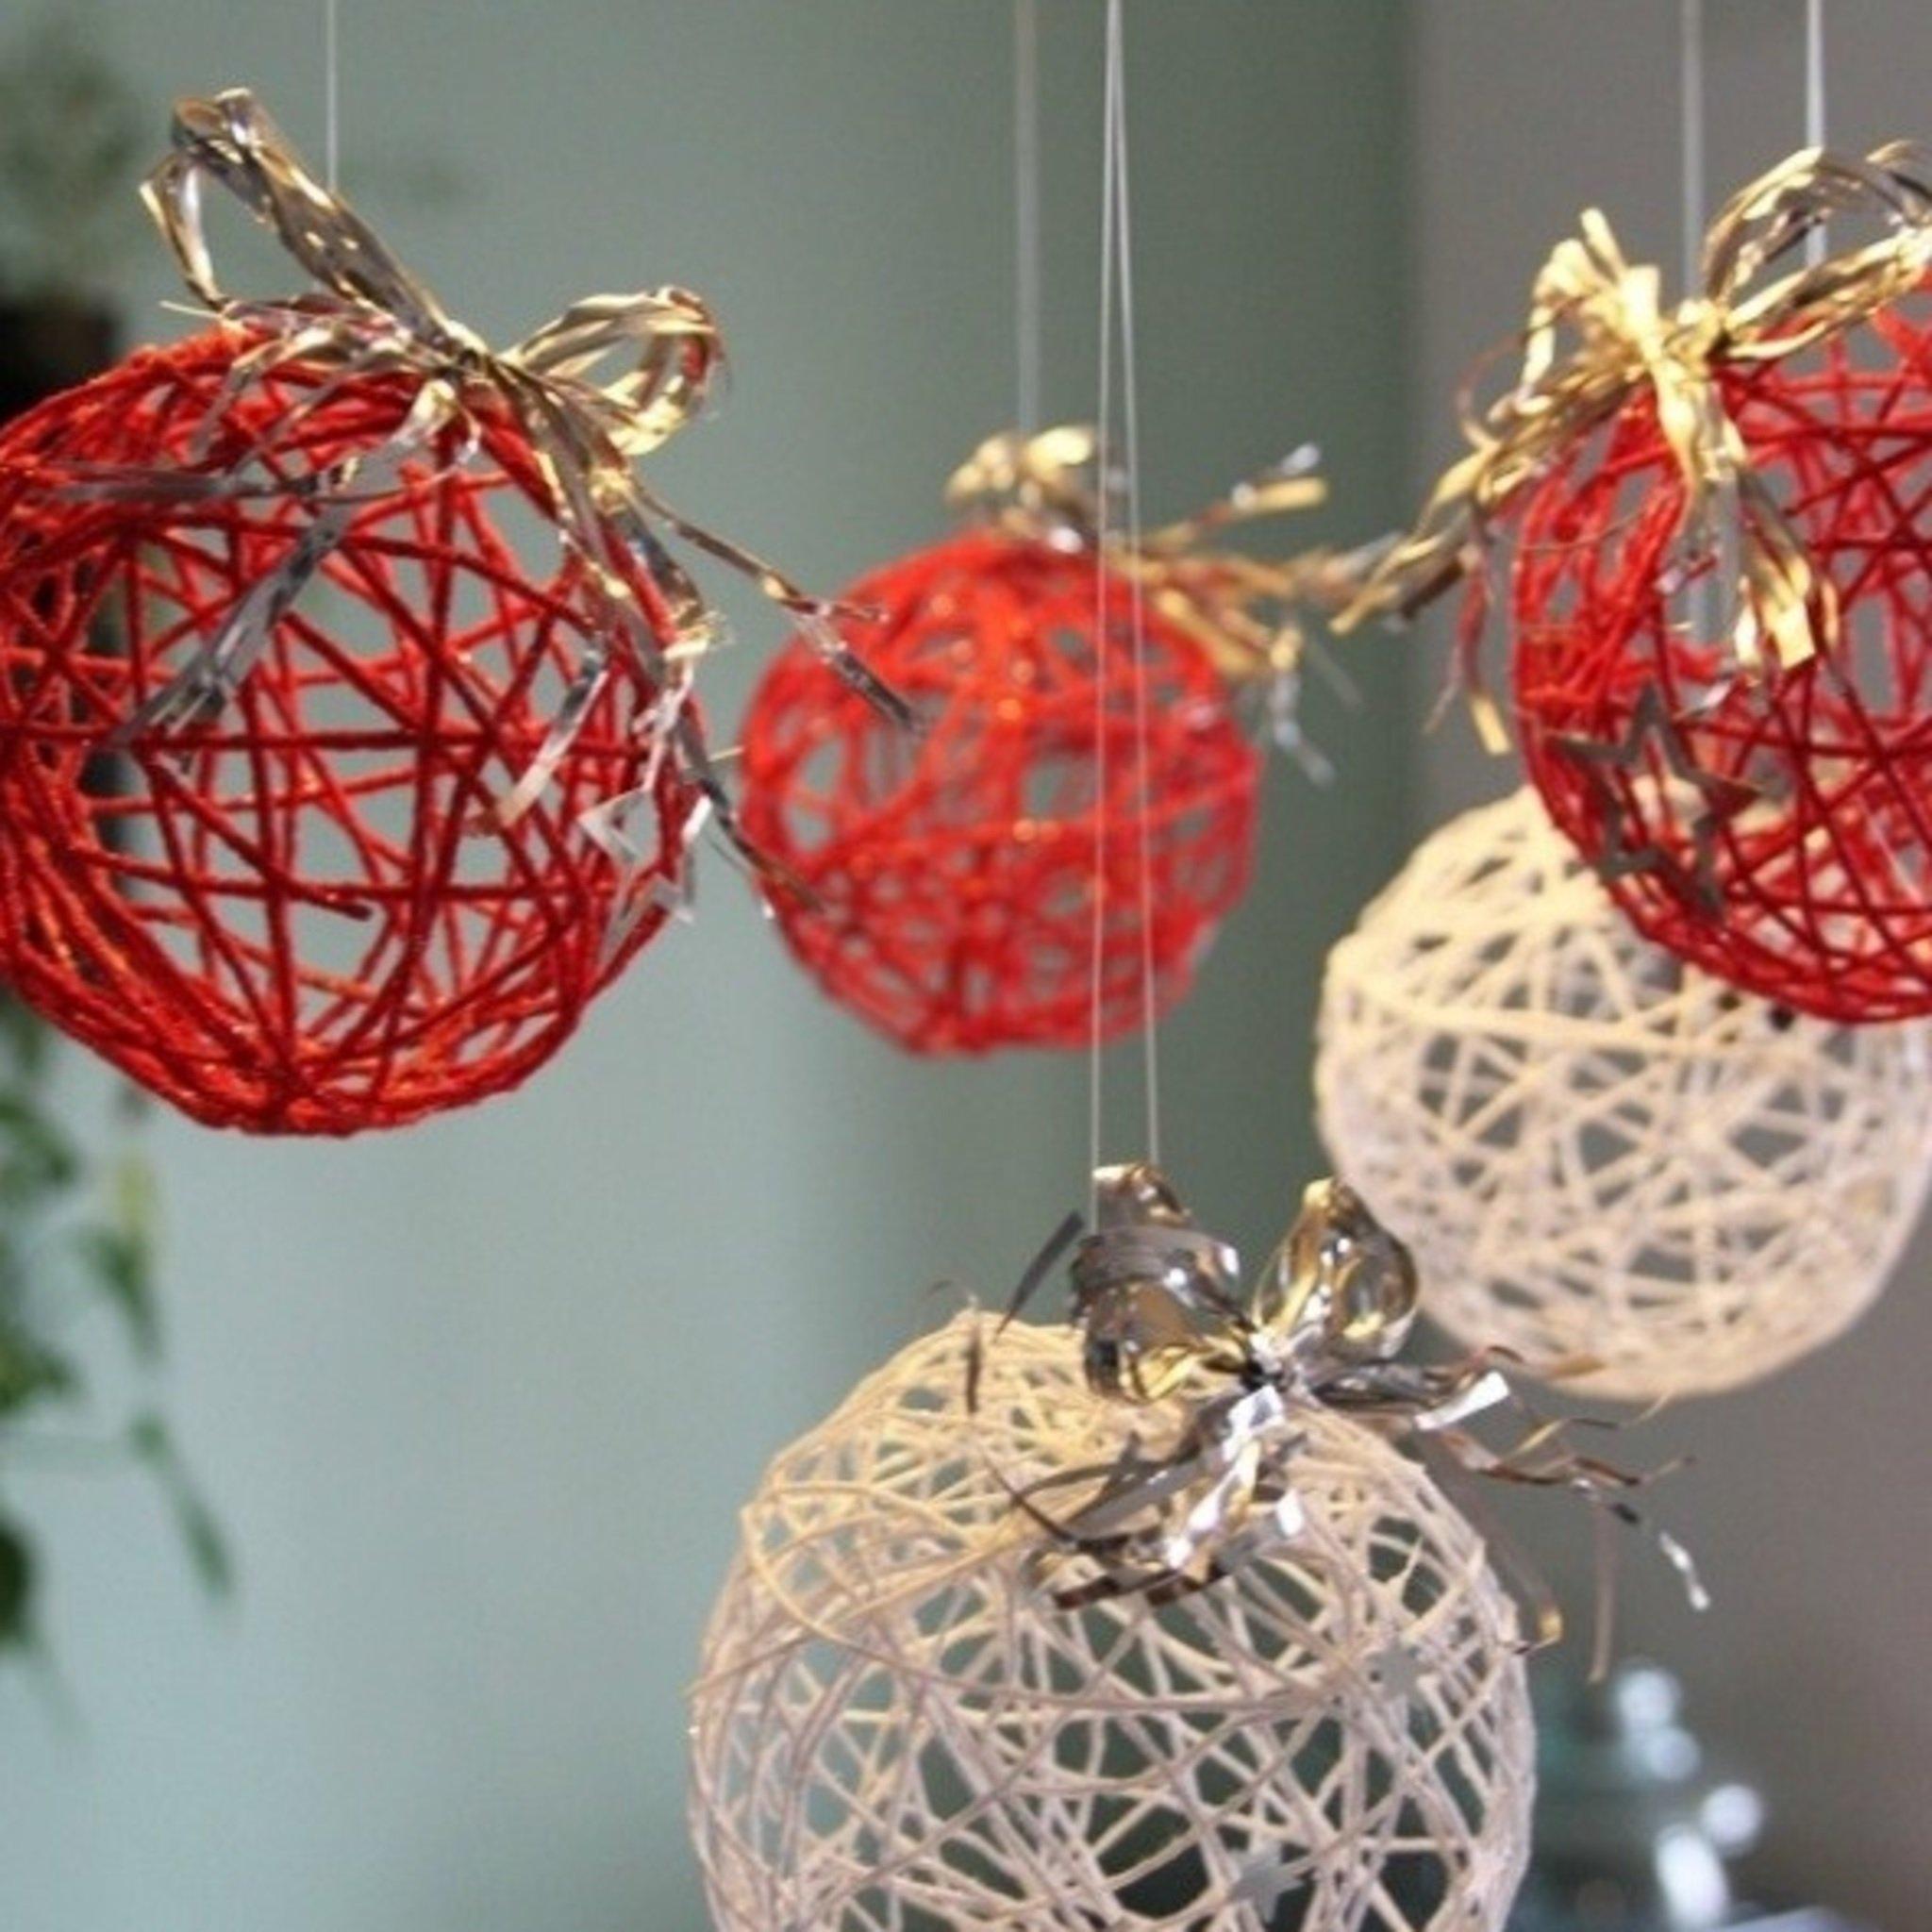 Декор из ниток: делаем шары своими руками +50 фото идей